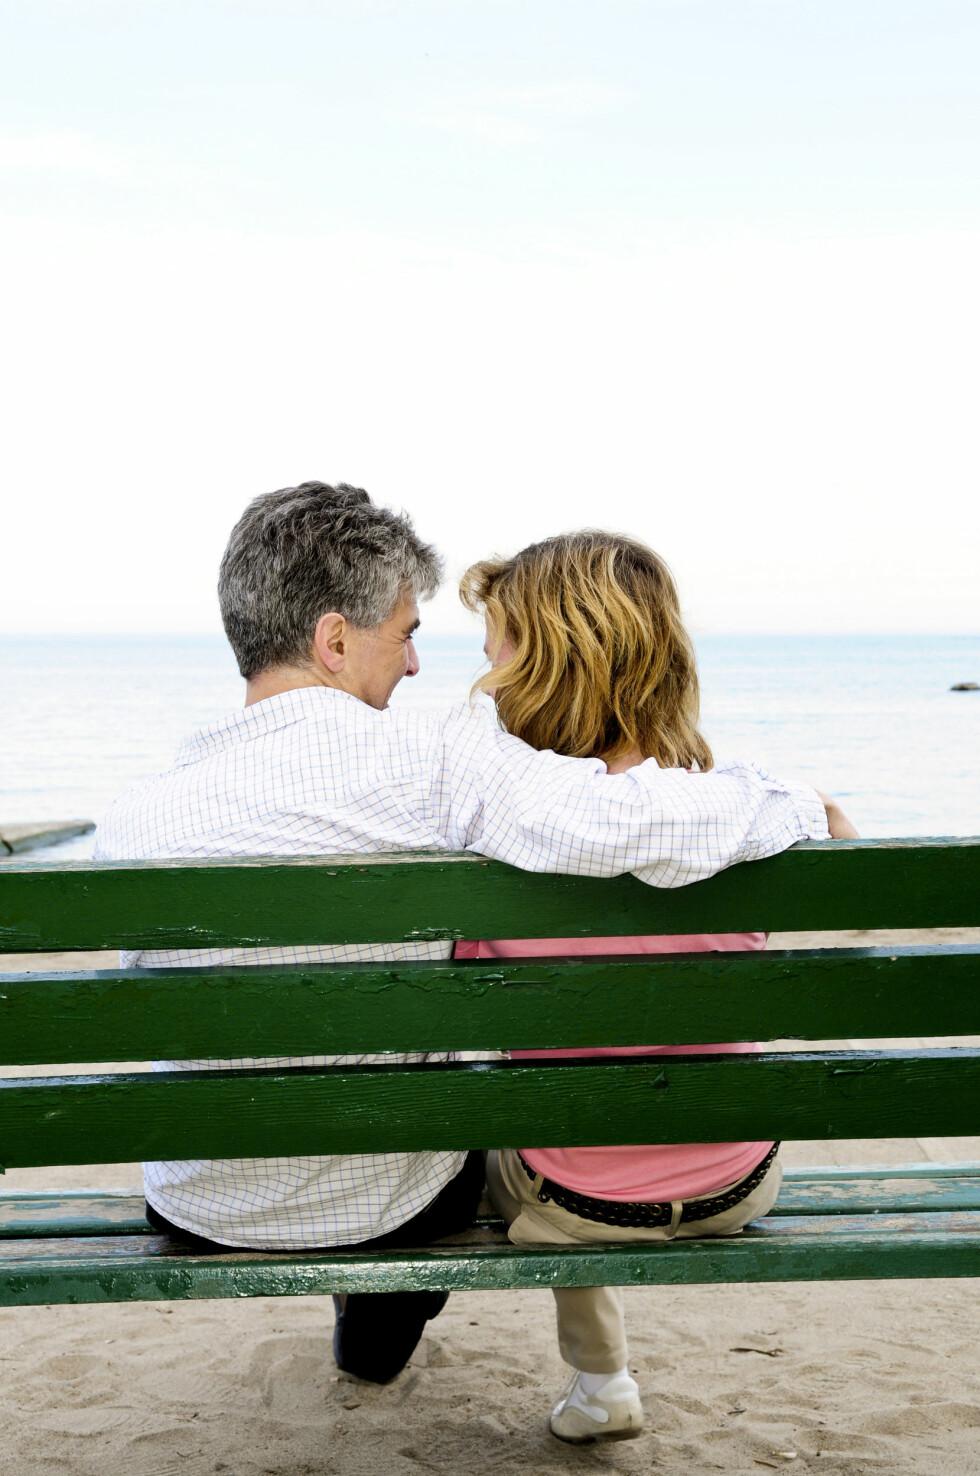 NOEN ULEMPER: Forhold med store aldersforskjeller kan ha sine fordeler, men det kan også ha flere ulemper. Med alderen er det for eksempel noen sykdommer som kan påvirke menneskers seksualitet, hyppigere enn andre sykdommer. Foto: REX/Stock Connection/All Over Press